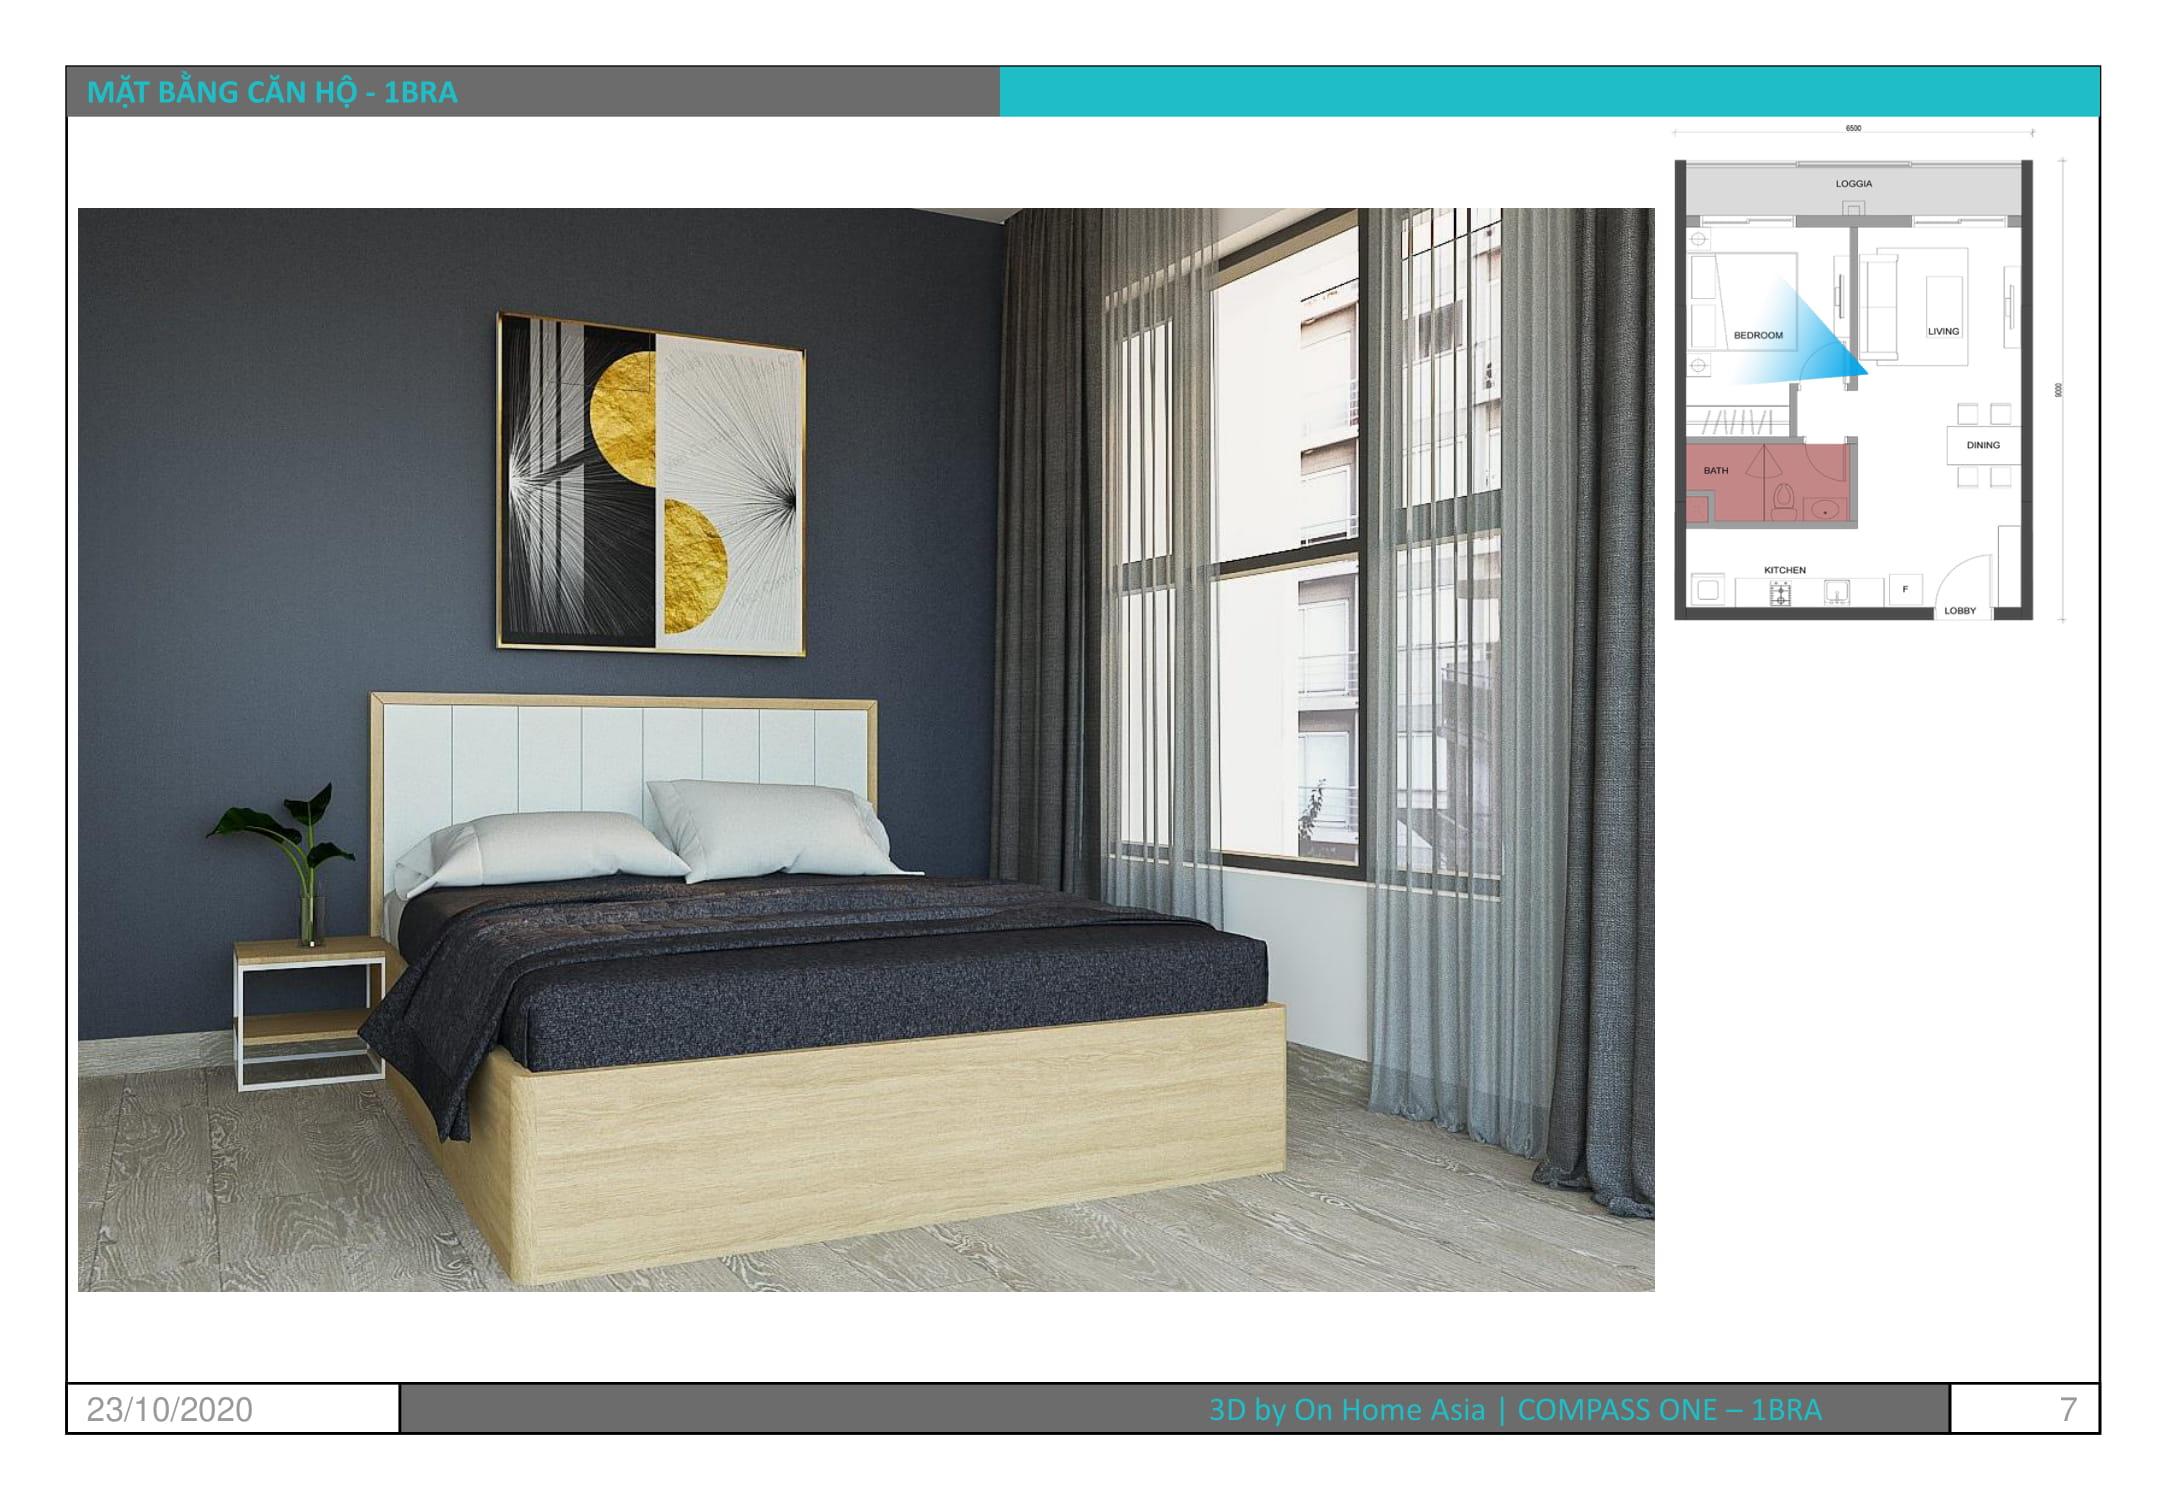 thiết kế nội thất phòng ngủ căn hộ compass one mẫu 1bra